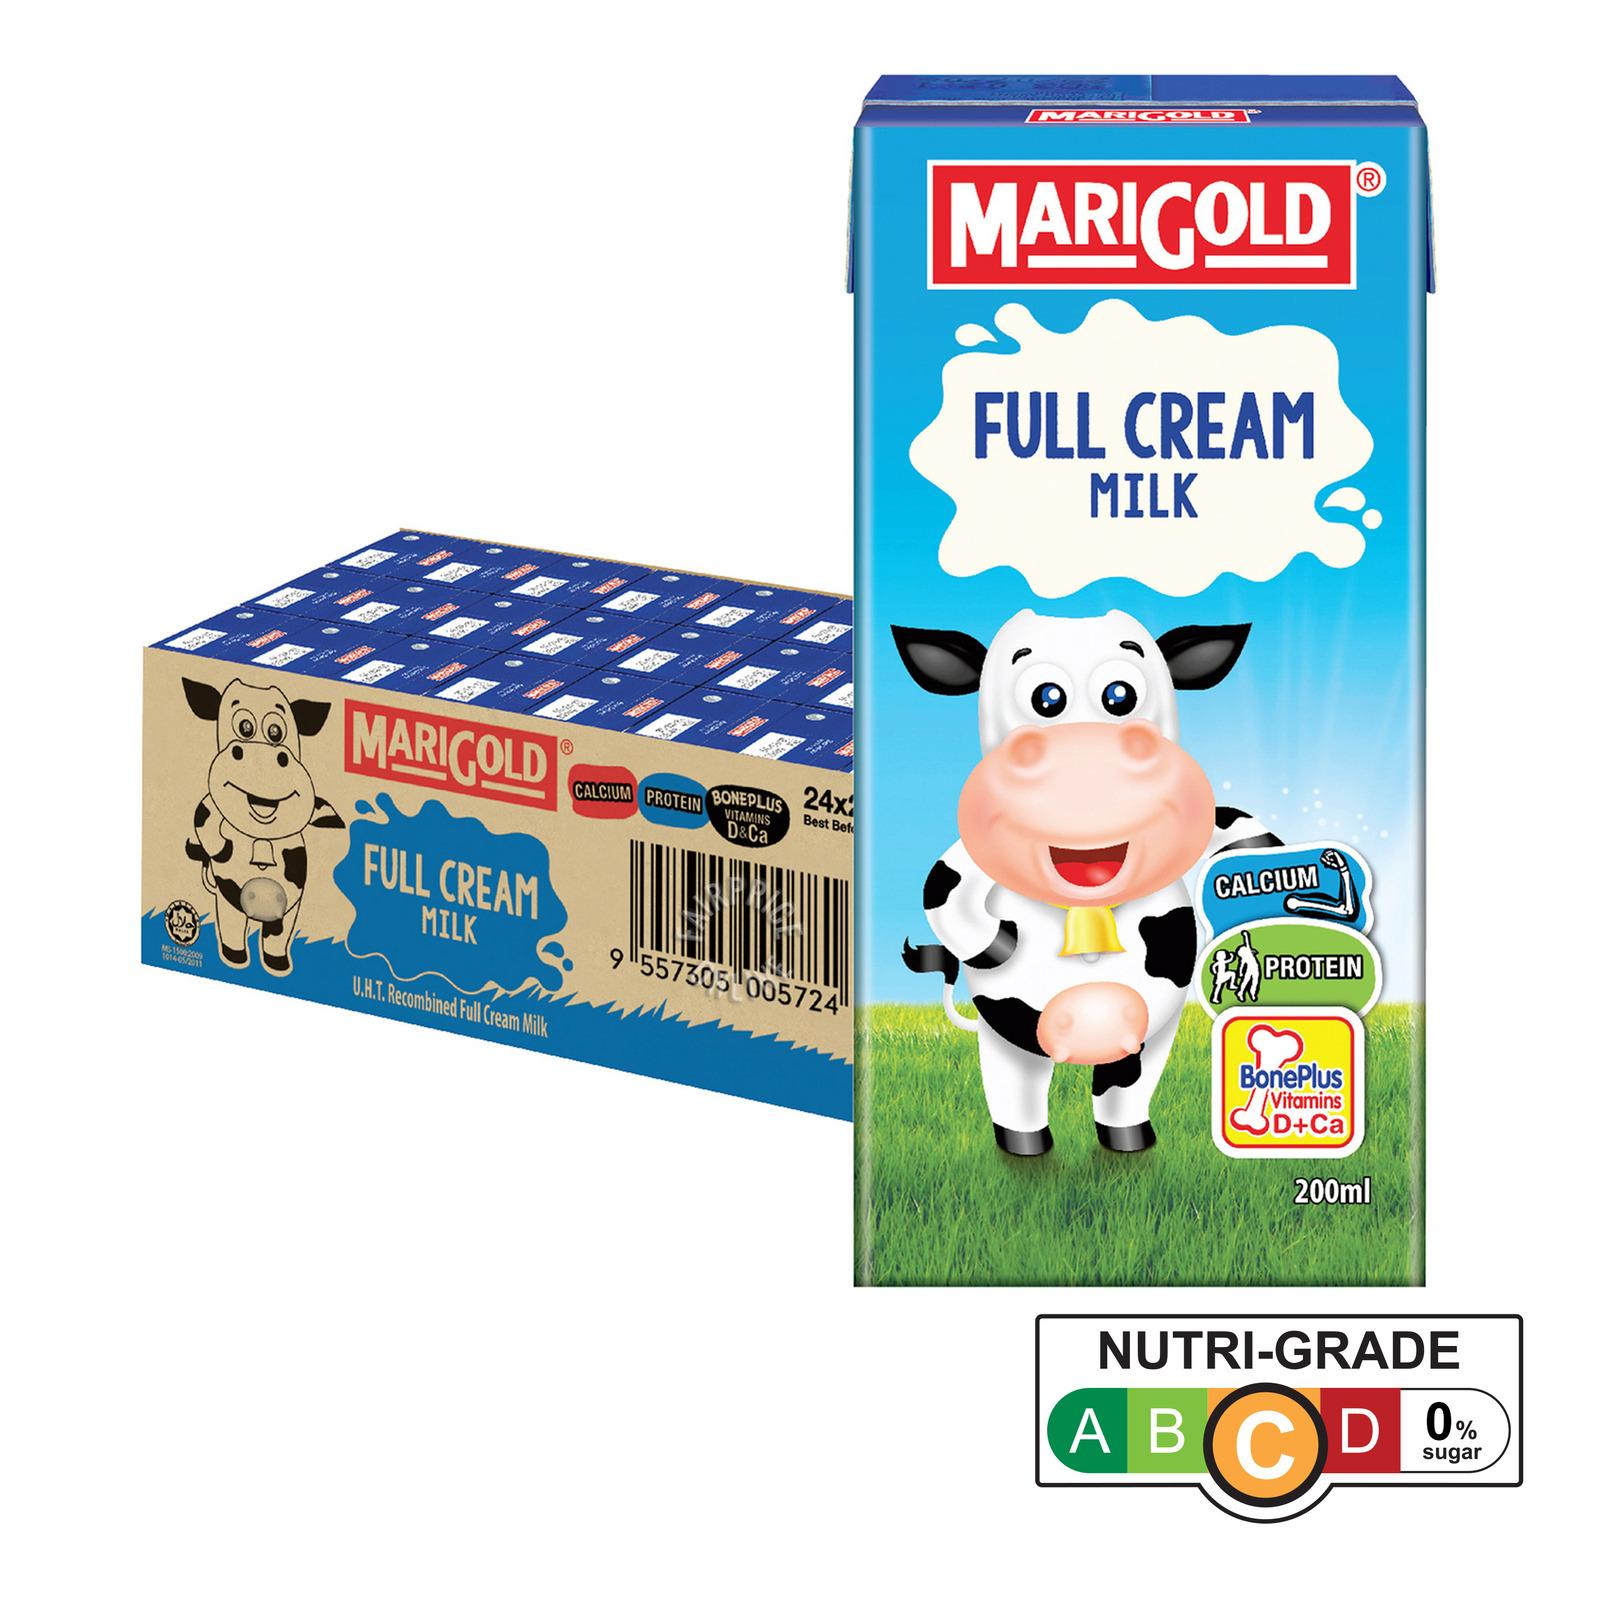 Marigold UHT Milk - Full Cream